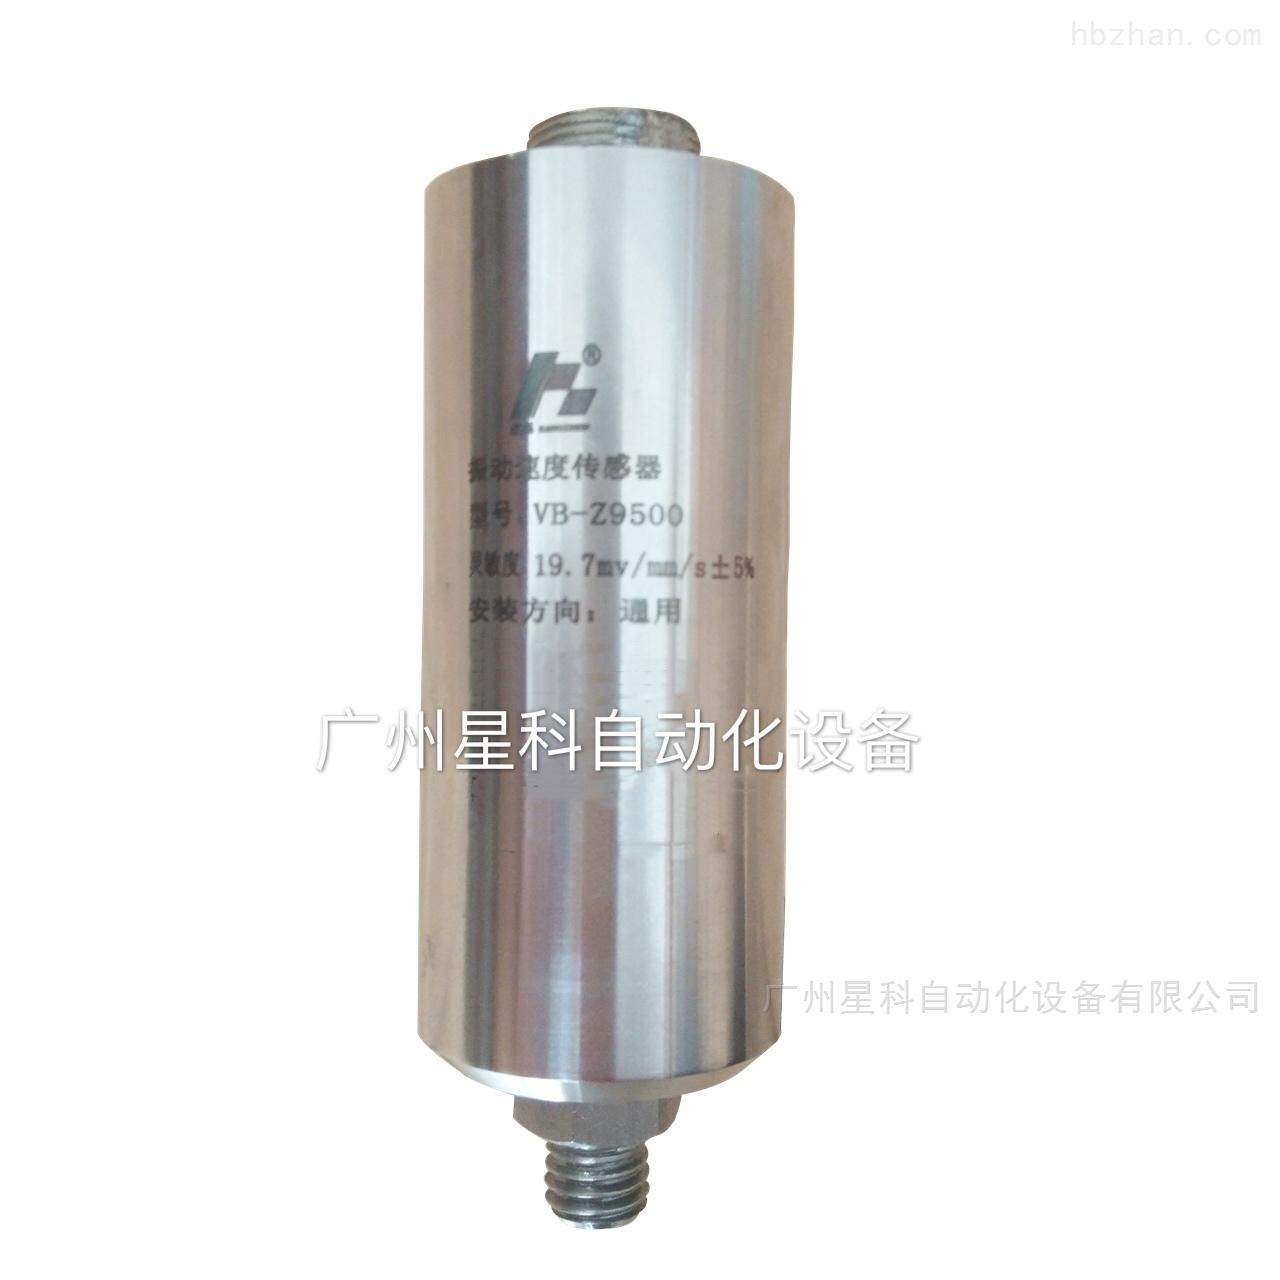 风机振动传感器SDJ-SG-2